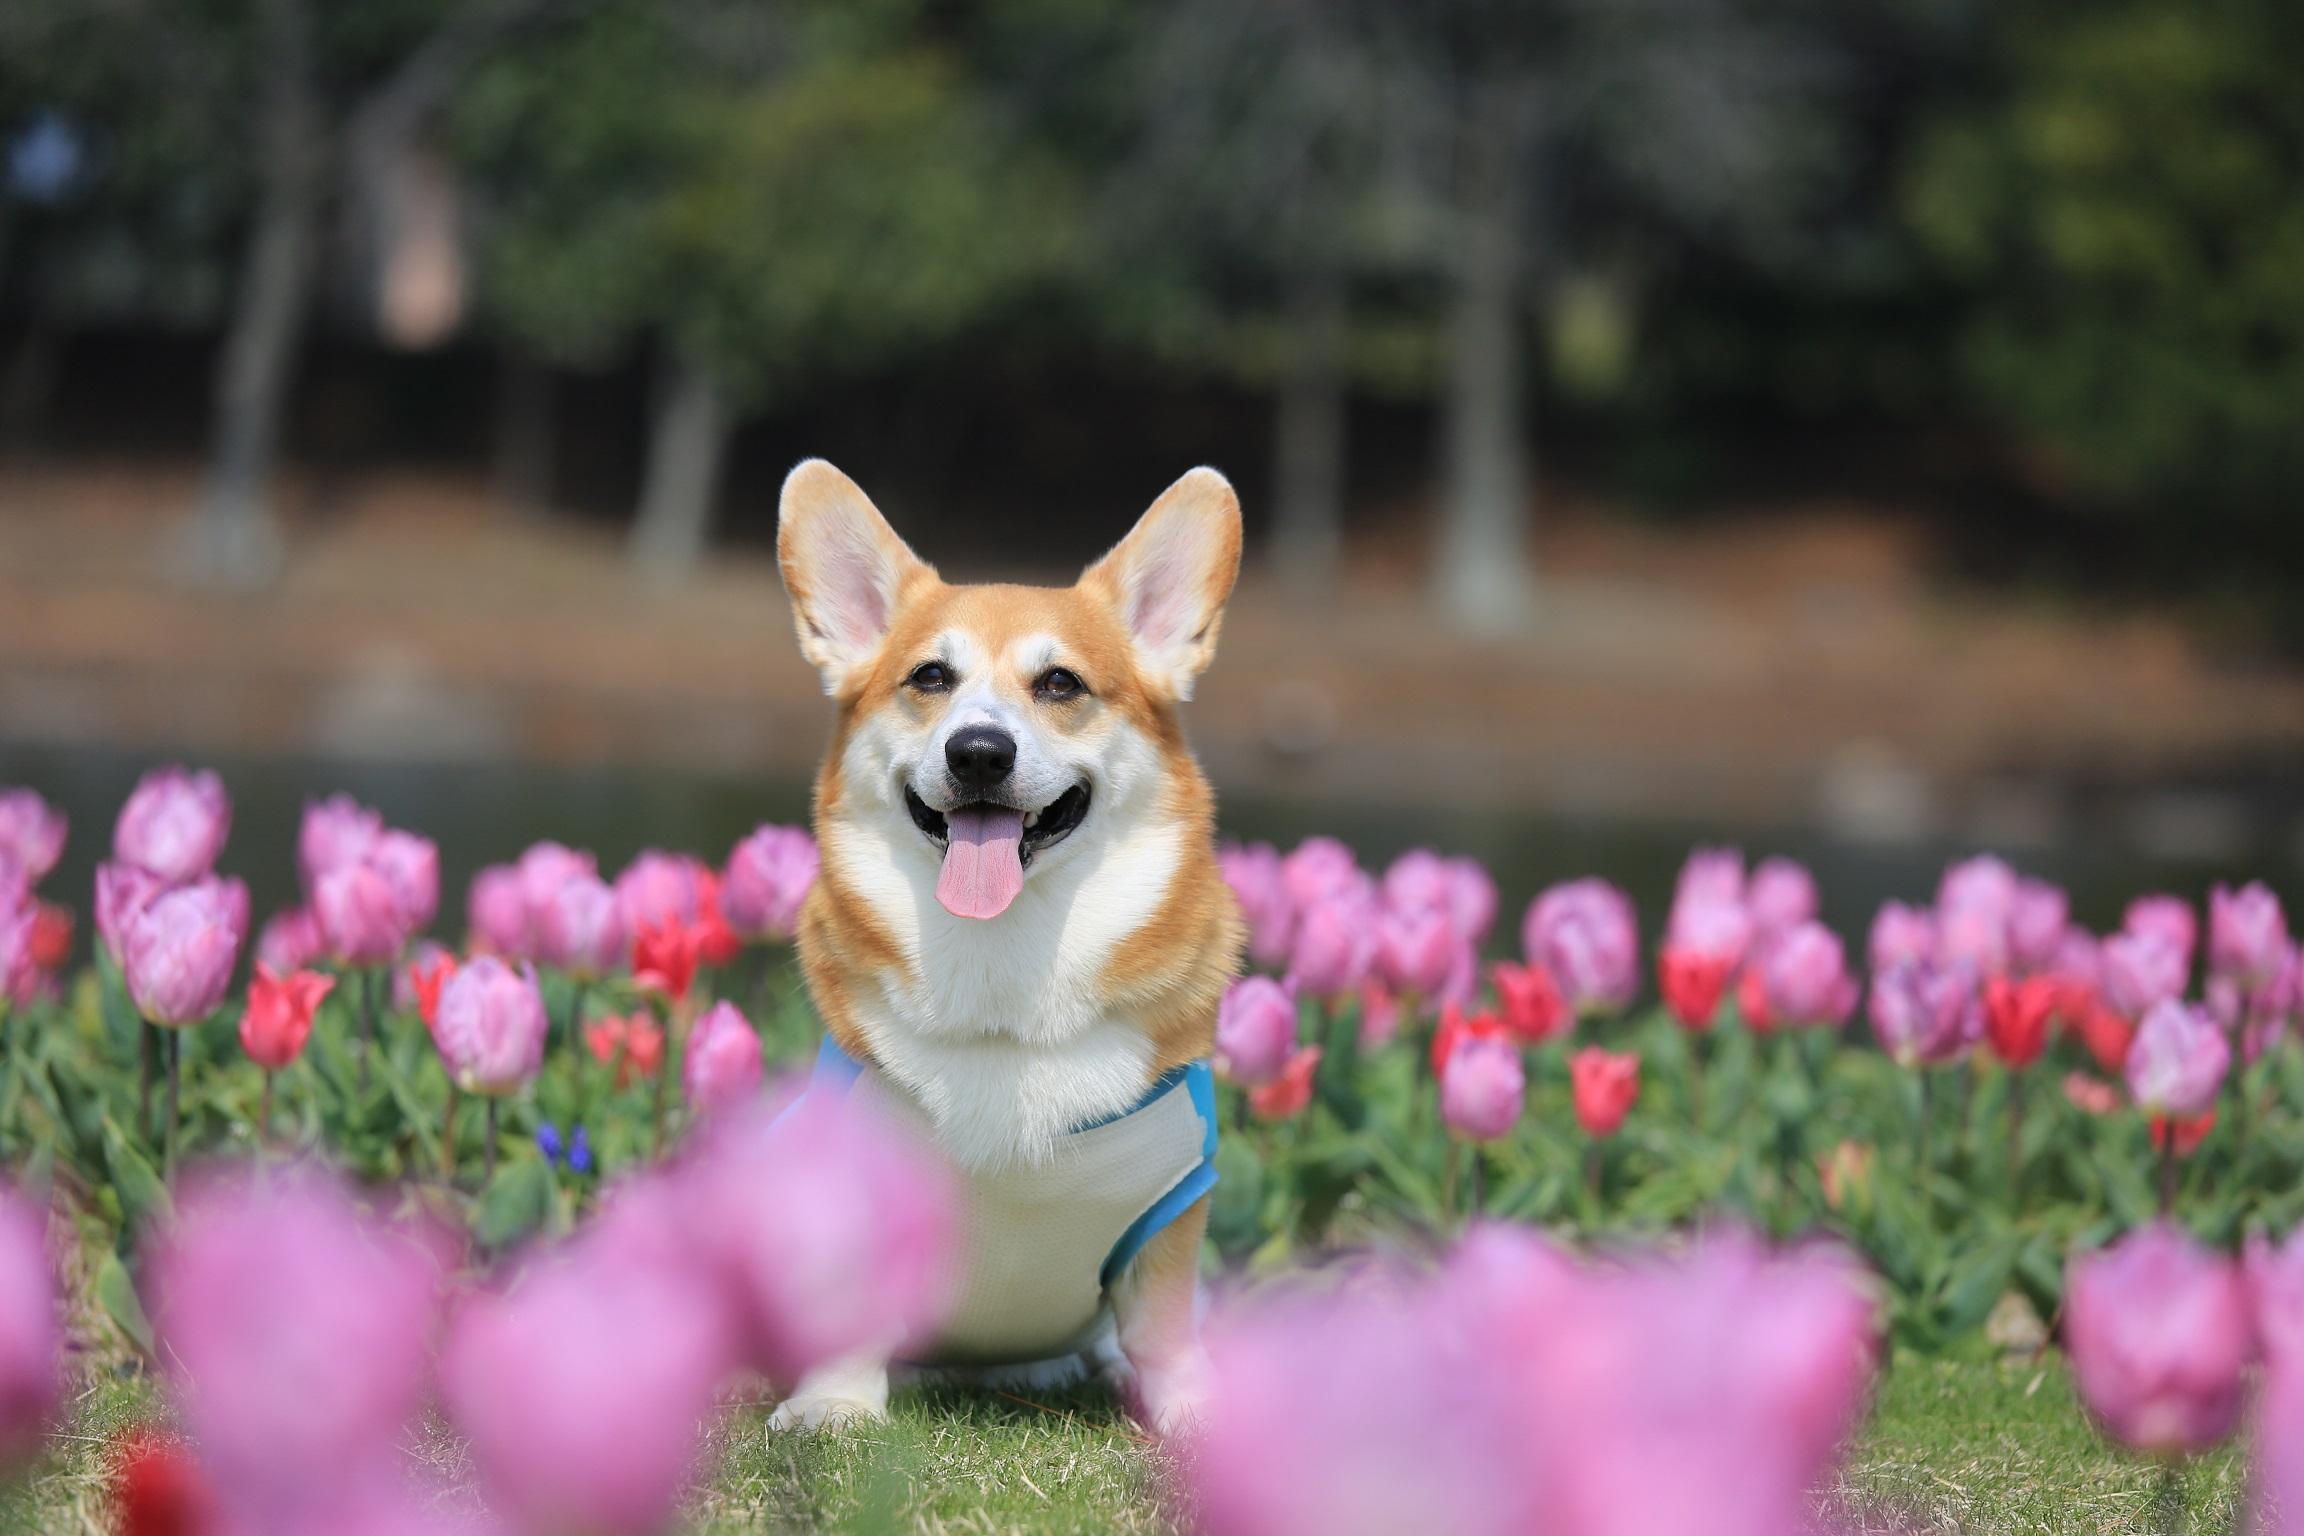 かわいいお花や植物、愛犬と写真撮影する時は気を付けて!誤食すると非常に危険!